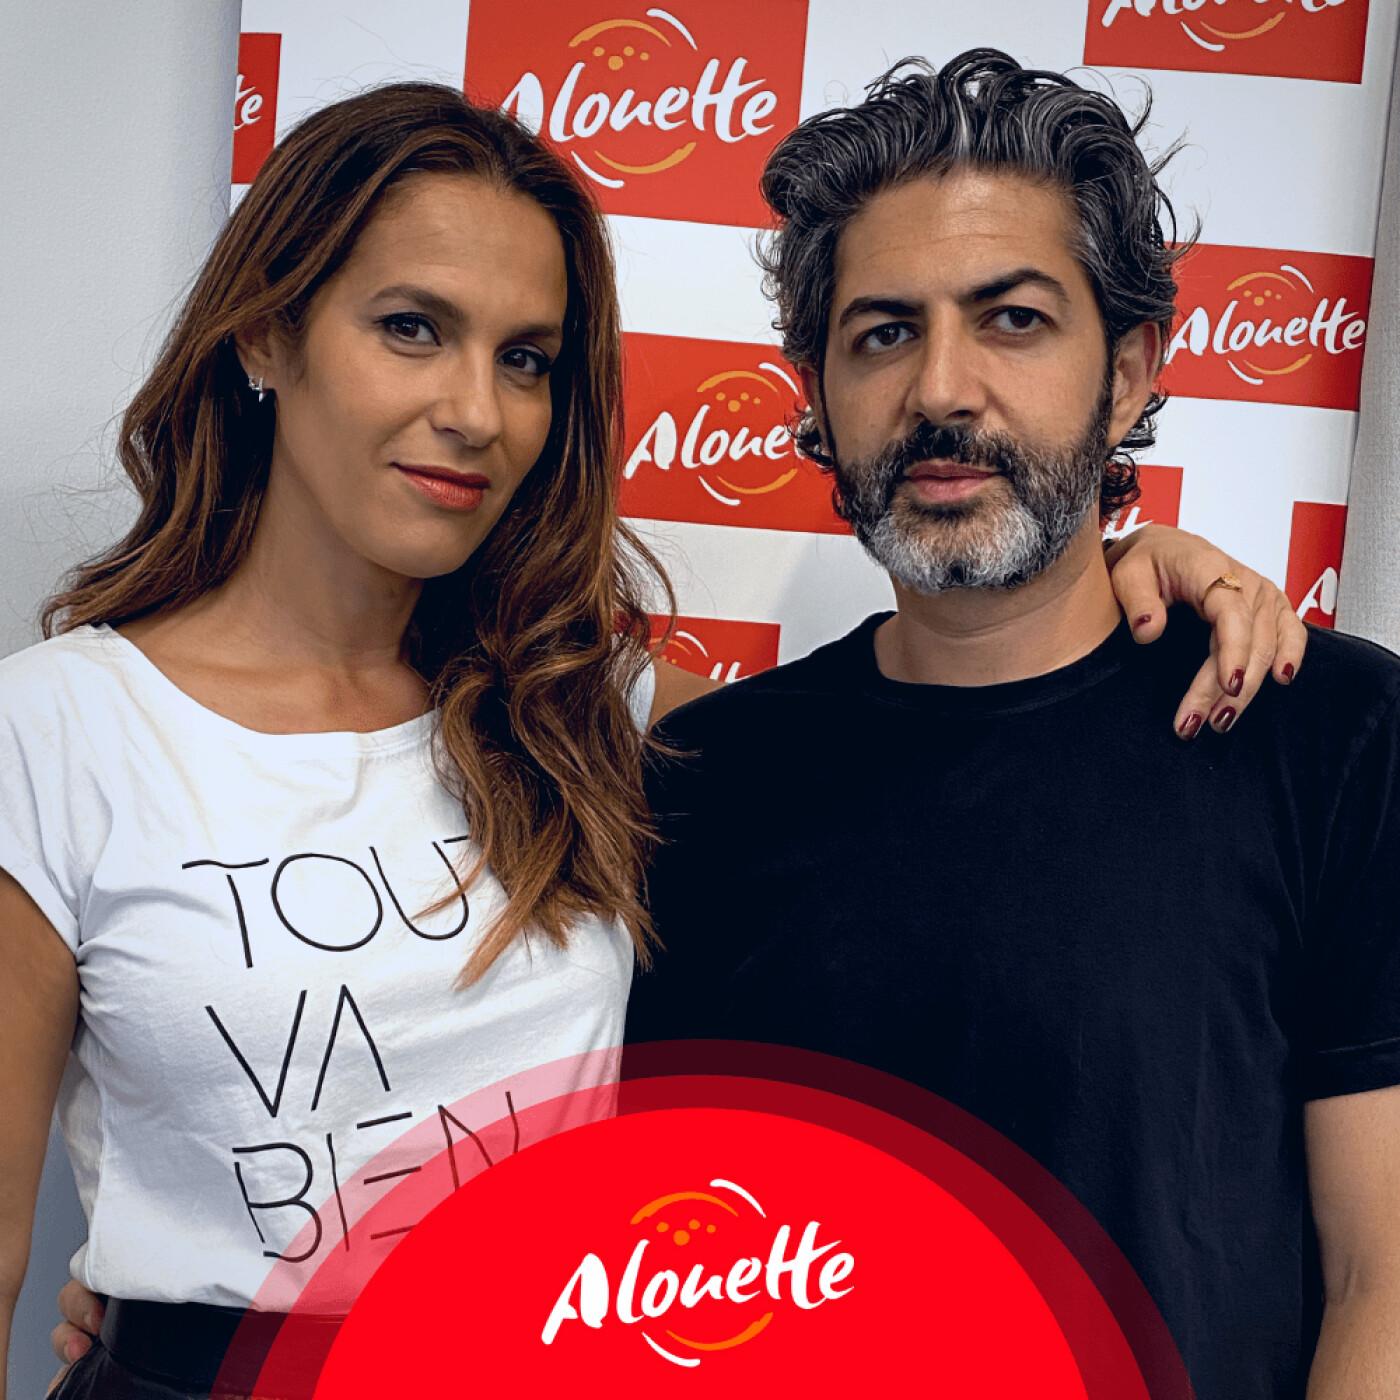 """""""Tout va bien"""" avec Elisa Tovati et John Mamann"""